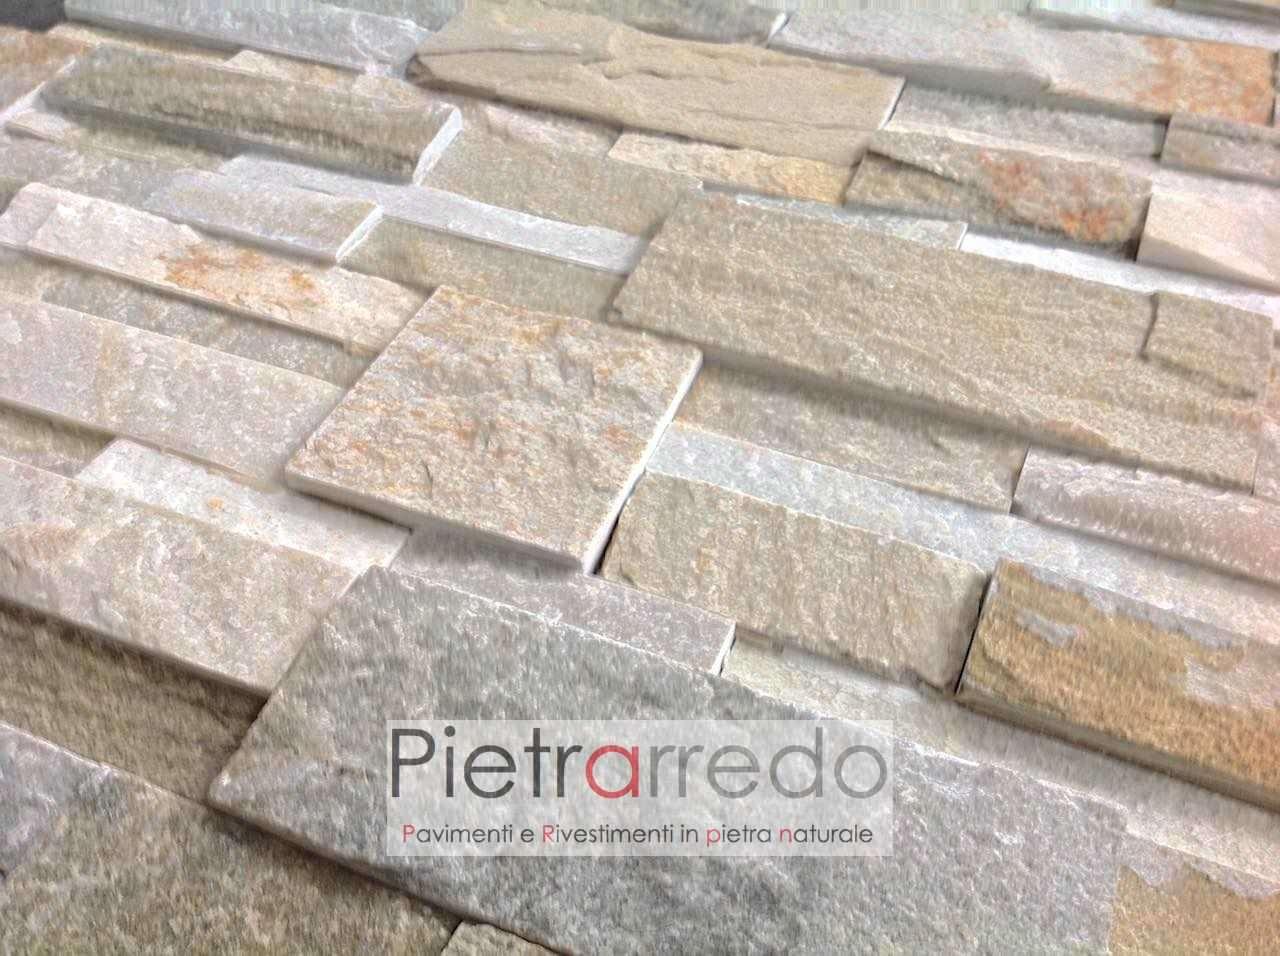 prezzi-rivestimenti-pietra-ricostruita-naturale-costo-quarzite-mista-scozzese-colore-misto-beige